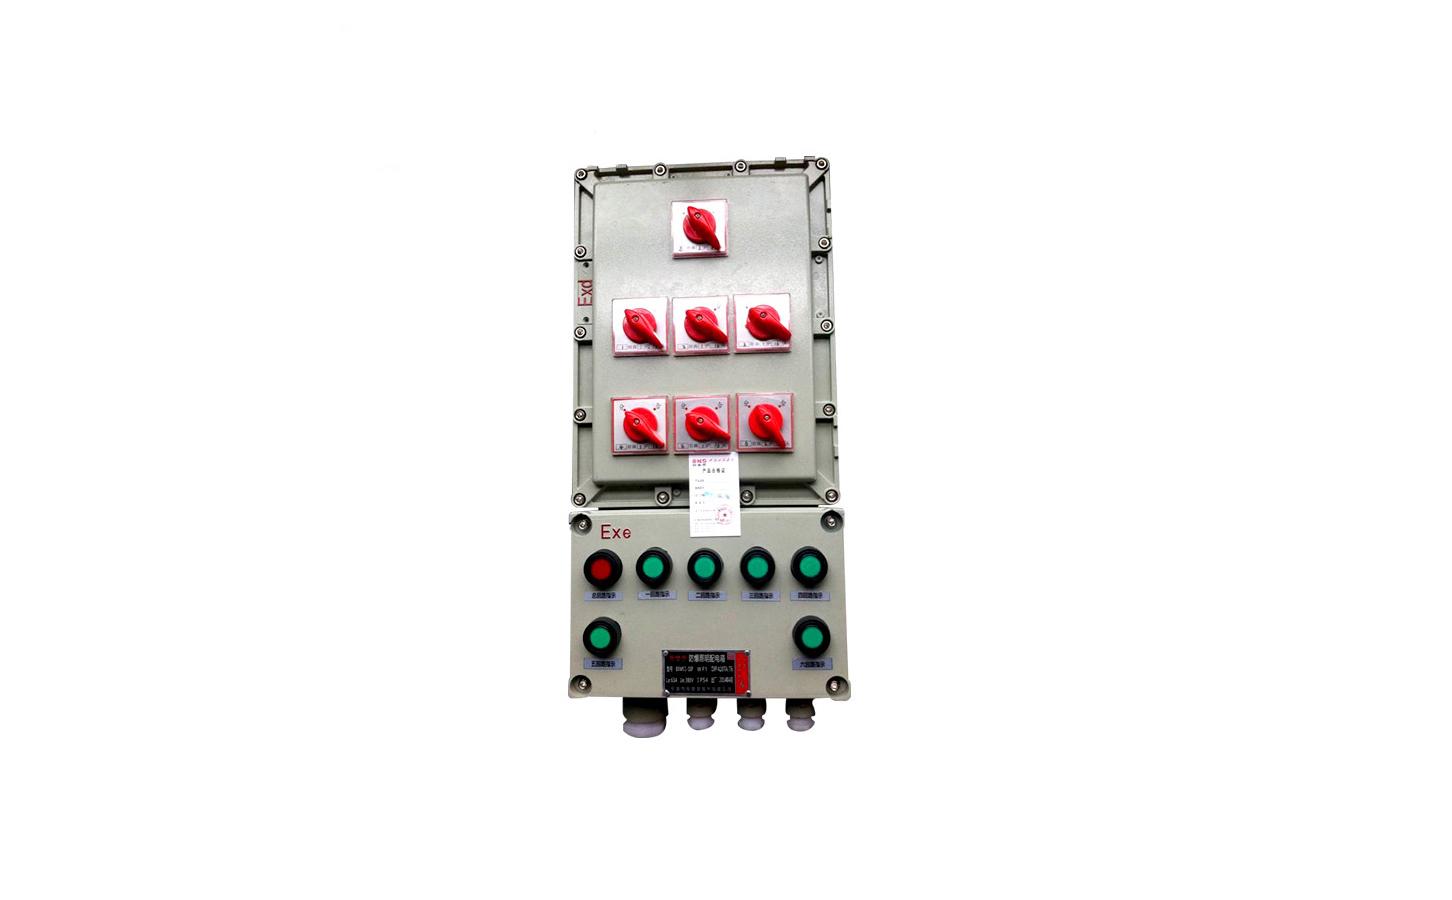 Kxd-防爆电器控制箱 施耐德防爆电器控制箱